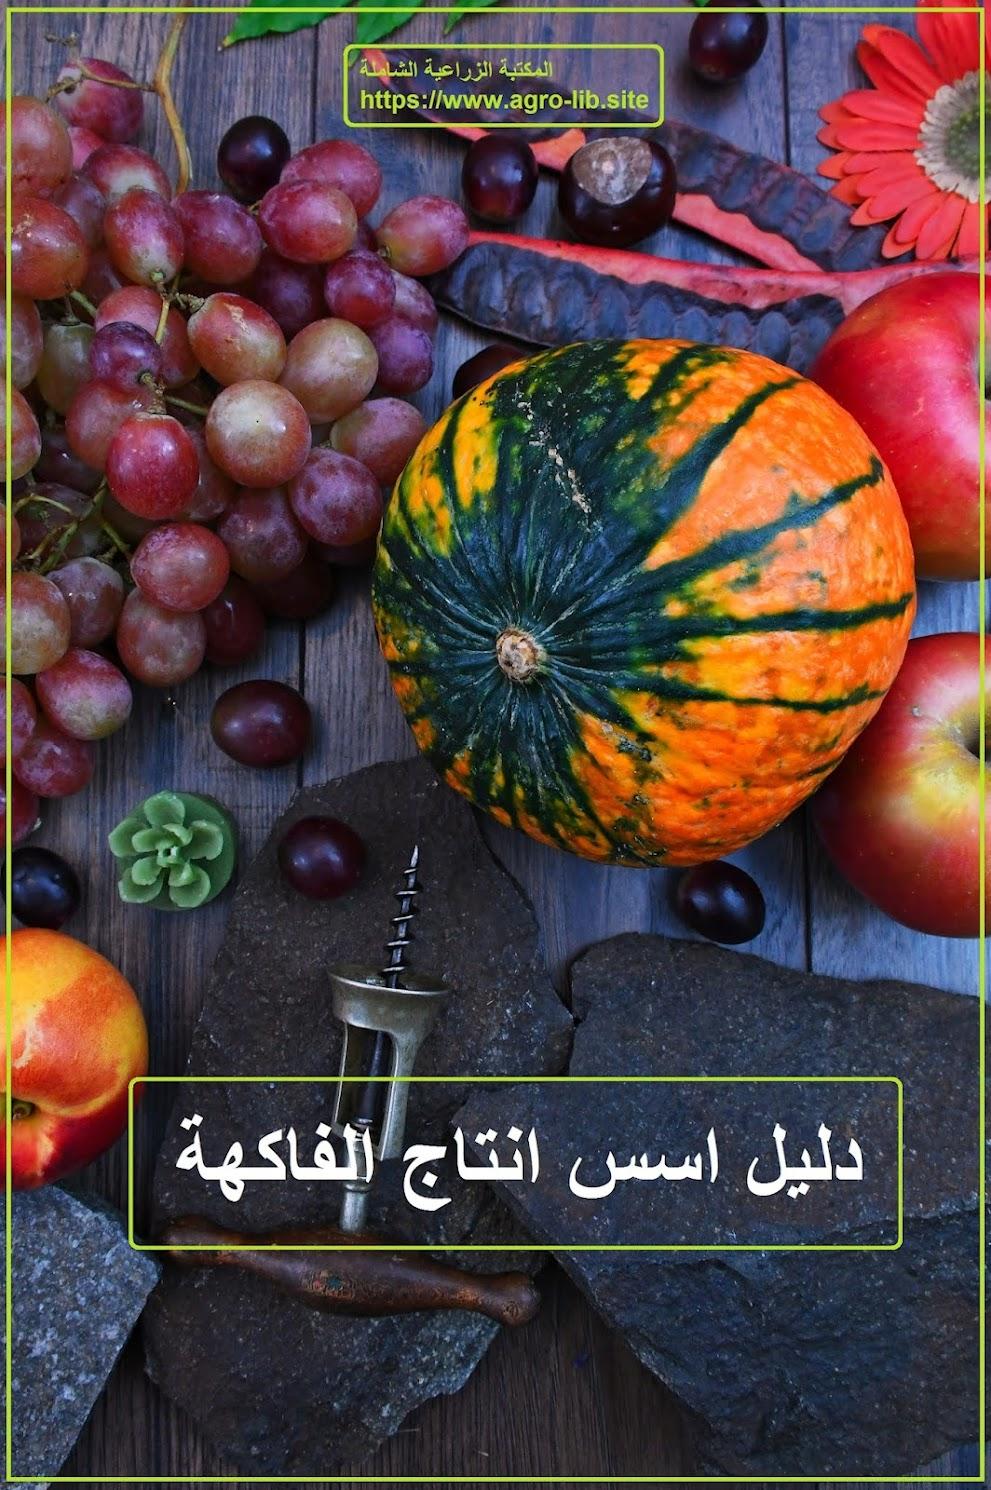 كتاب : دليل اسس انتاج الفاكهة